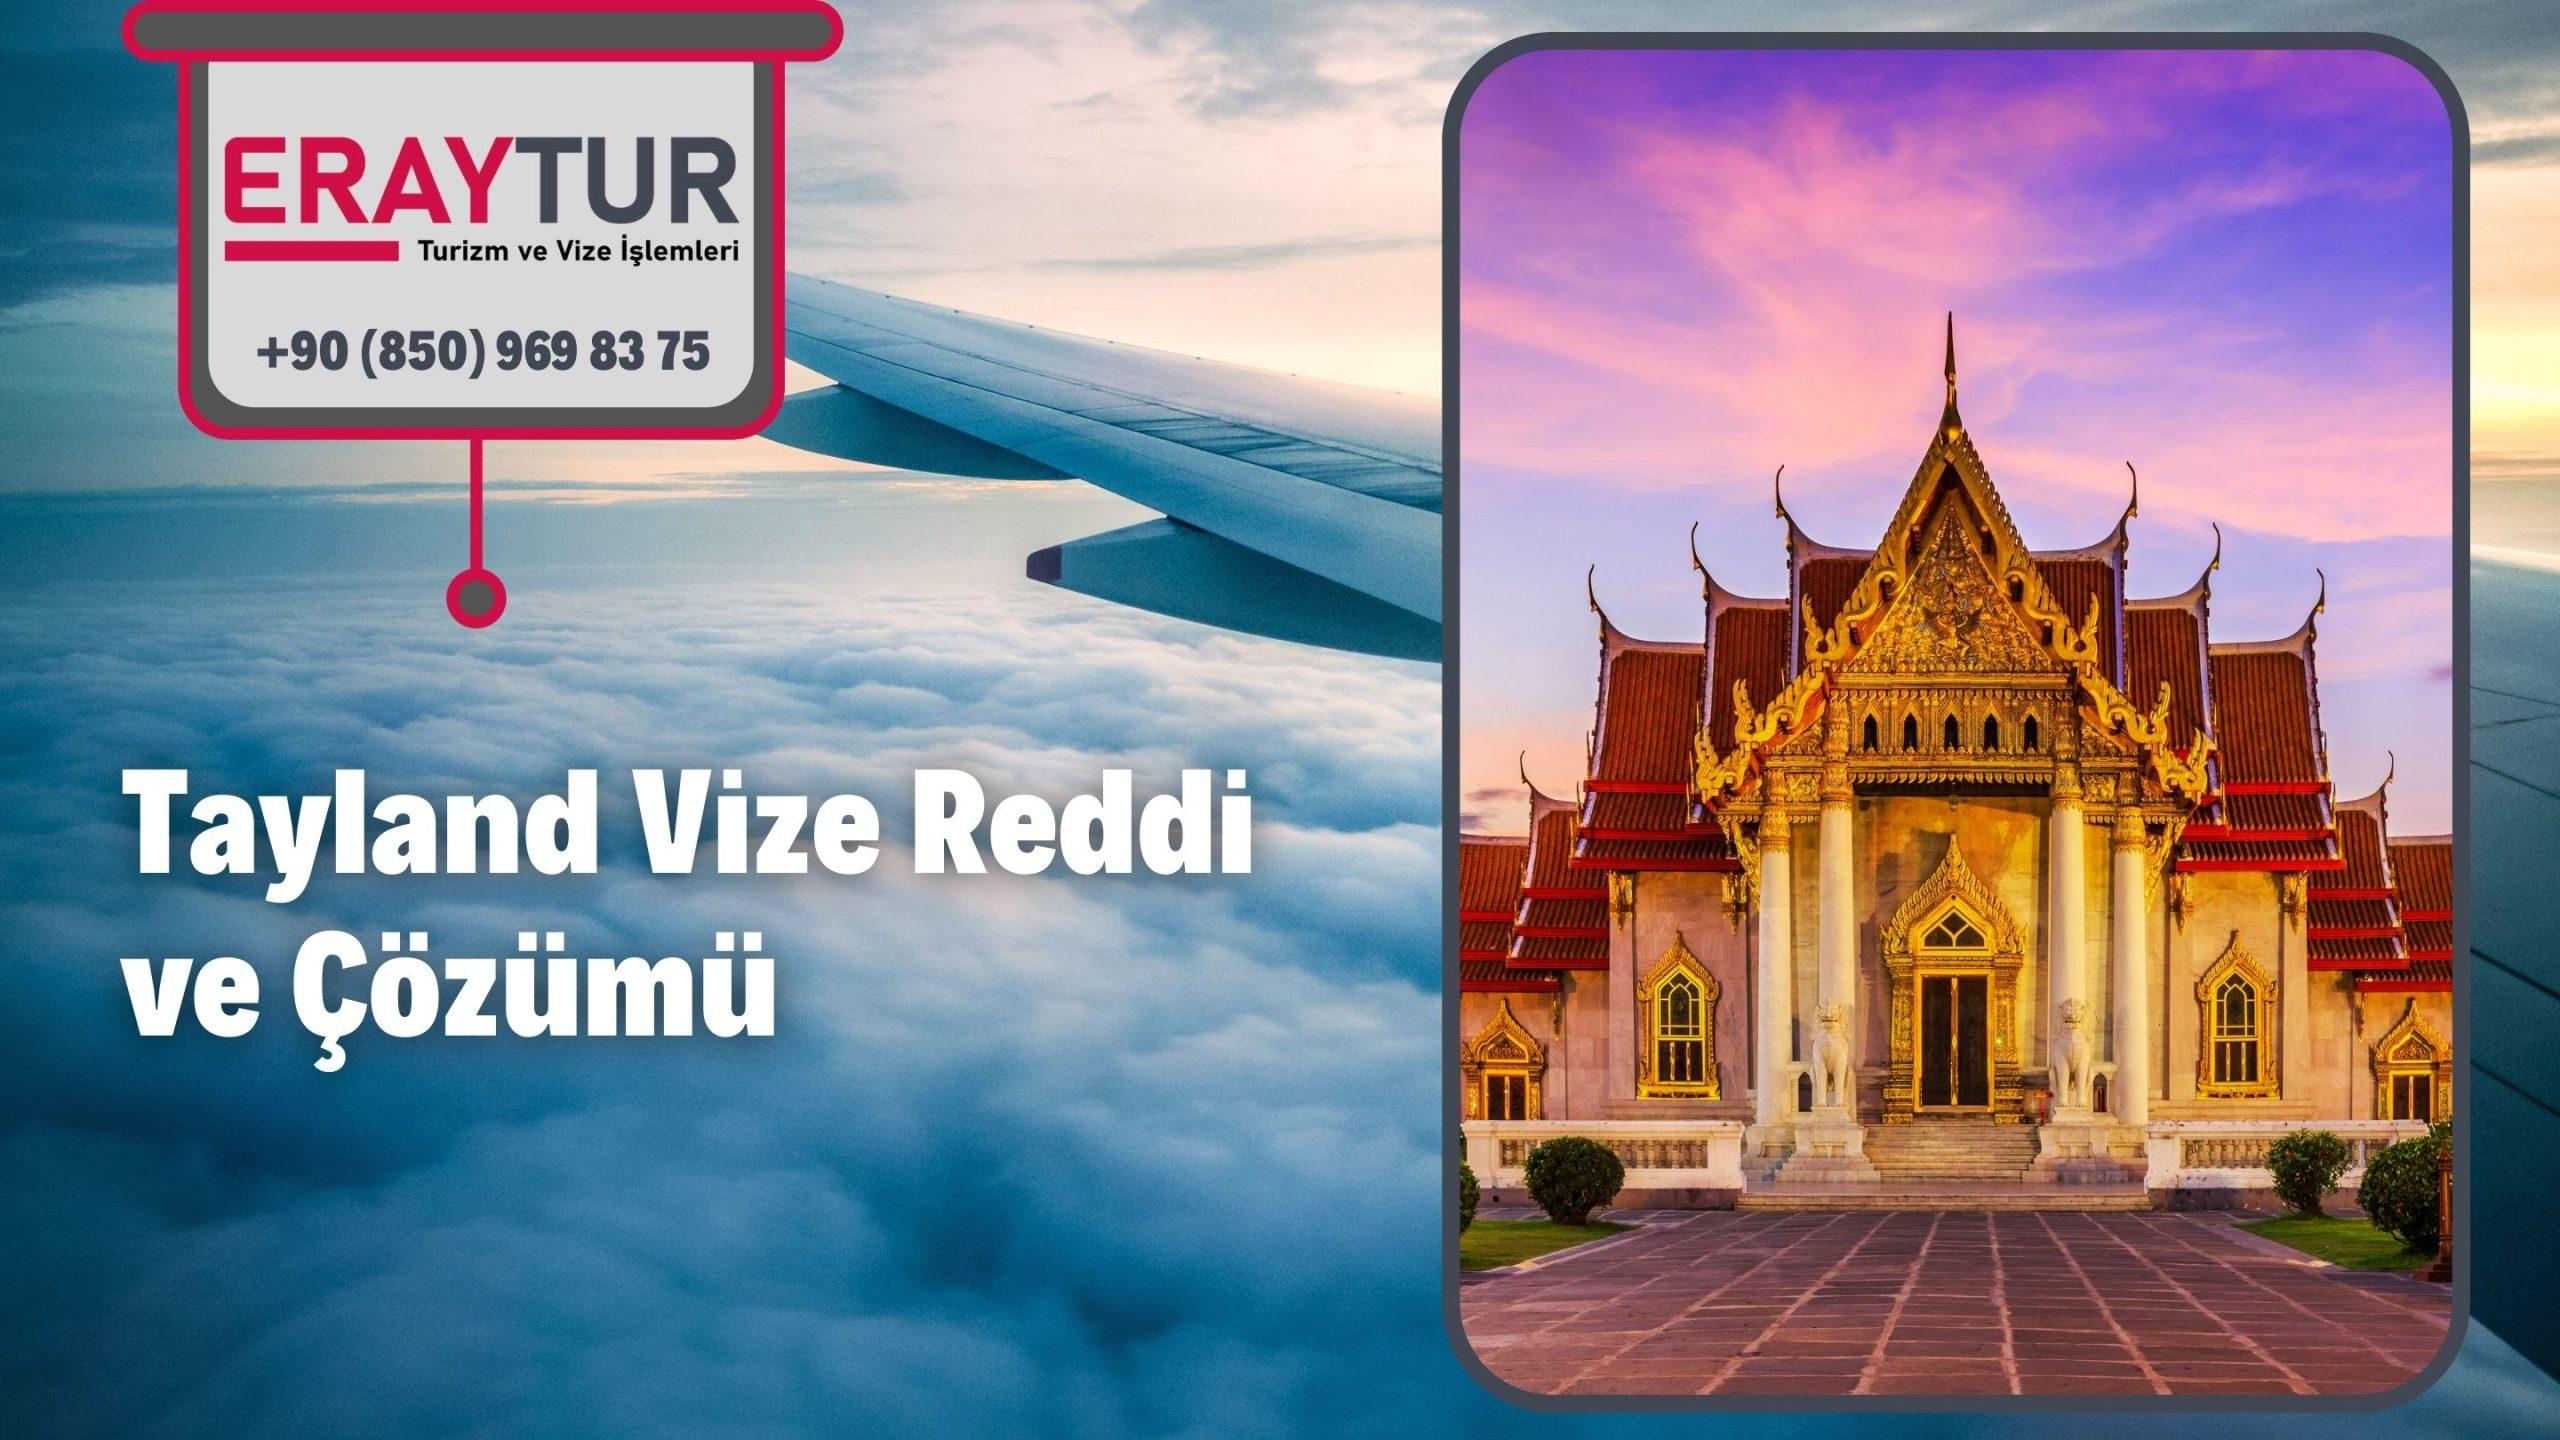 Tayland Vize Reddi ve Çözümü